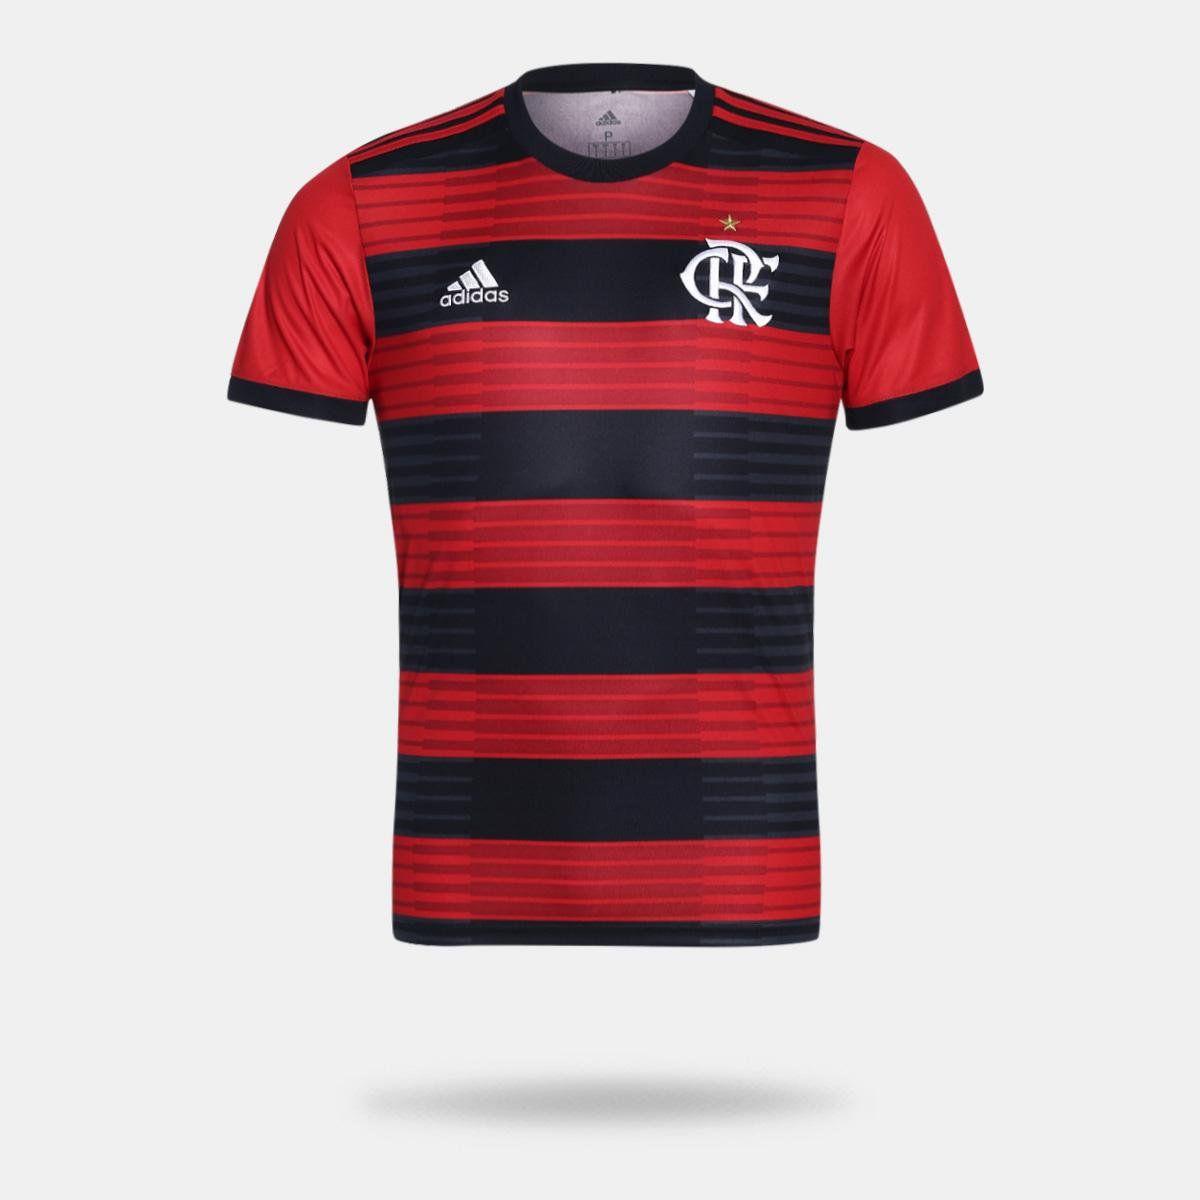 Flamengo I 2018 s/n° Torcedor Adidas Masculina - Camisa Vermelho e Preto